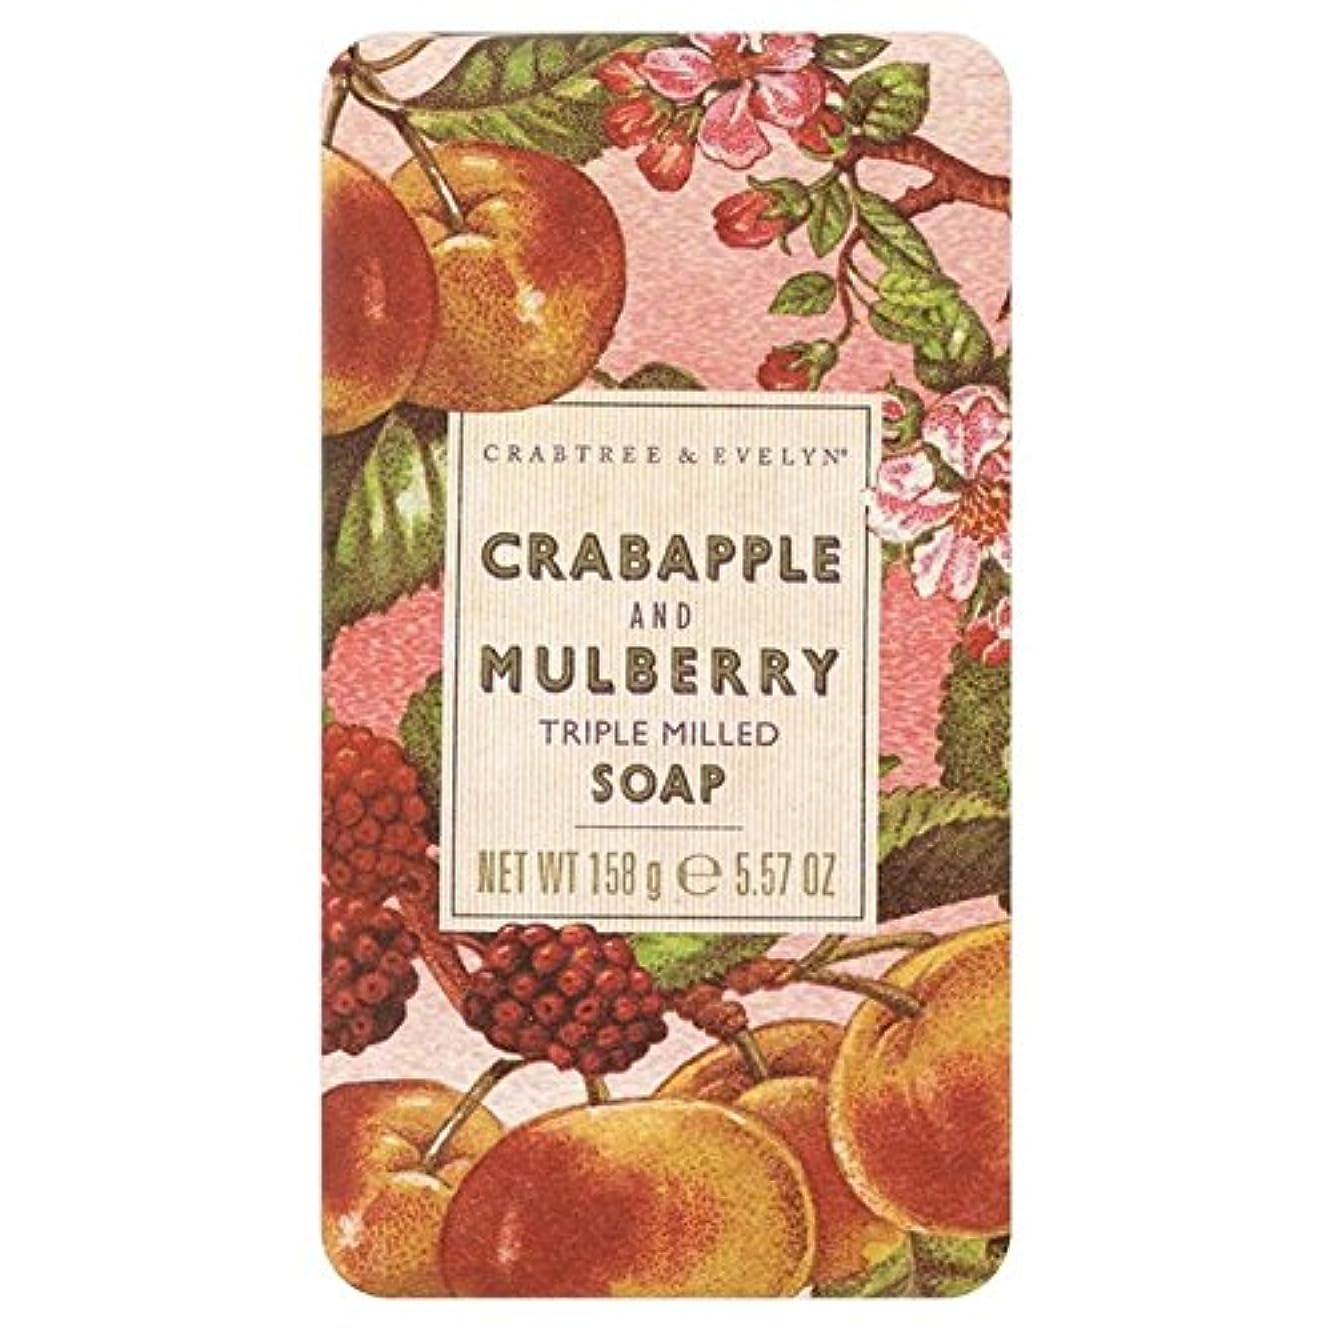 可動納得させる慣れるクラブツリー&イヴリンと桑遺産石鹸150グラム x4 - Crabtree & Evelyn Crabapple and Mulberry Heritage Soap 150g (Pack of 4) [並行輸入品]